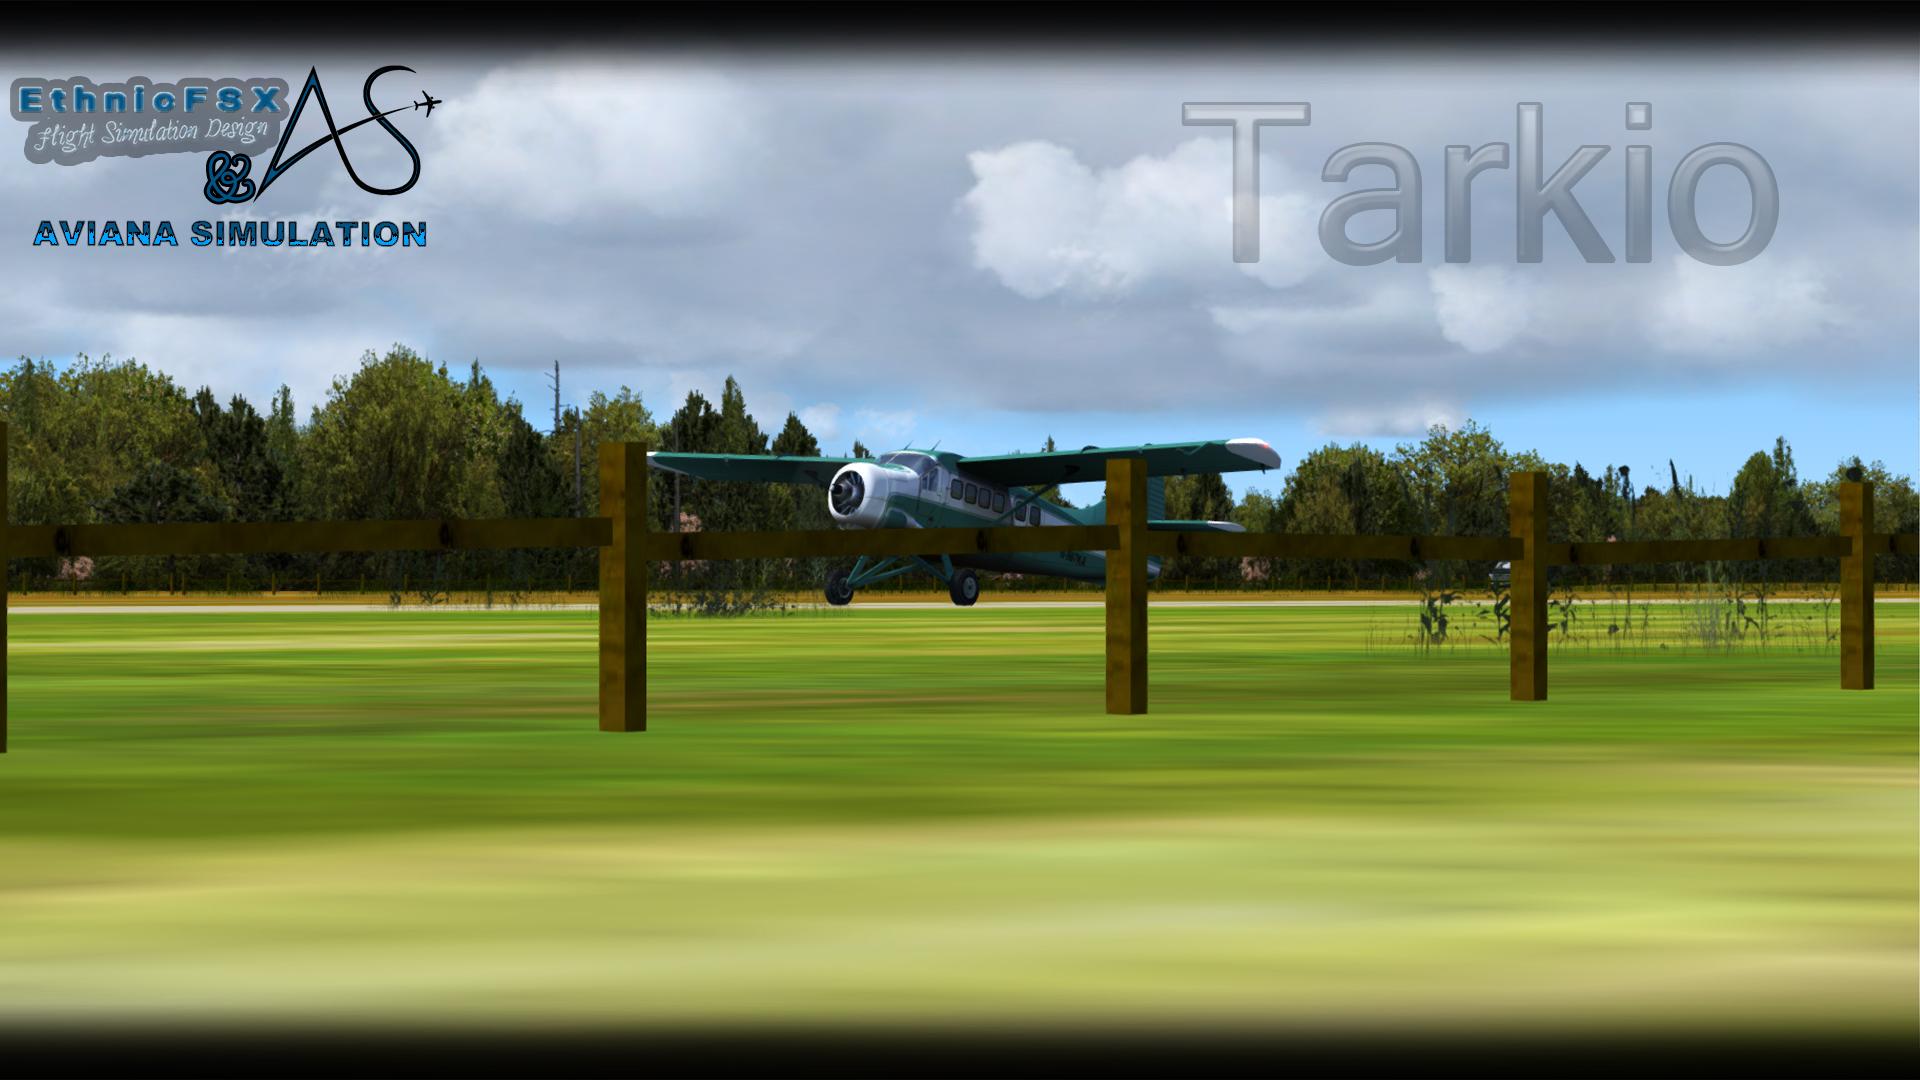 TarkioAS-51.jpg